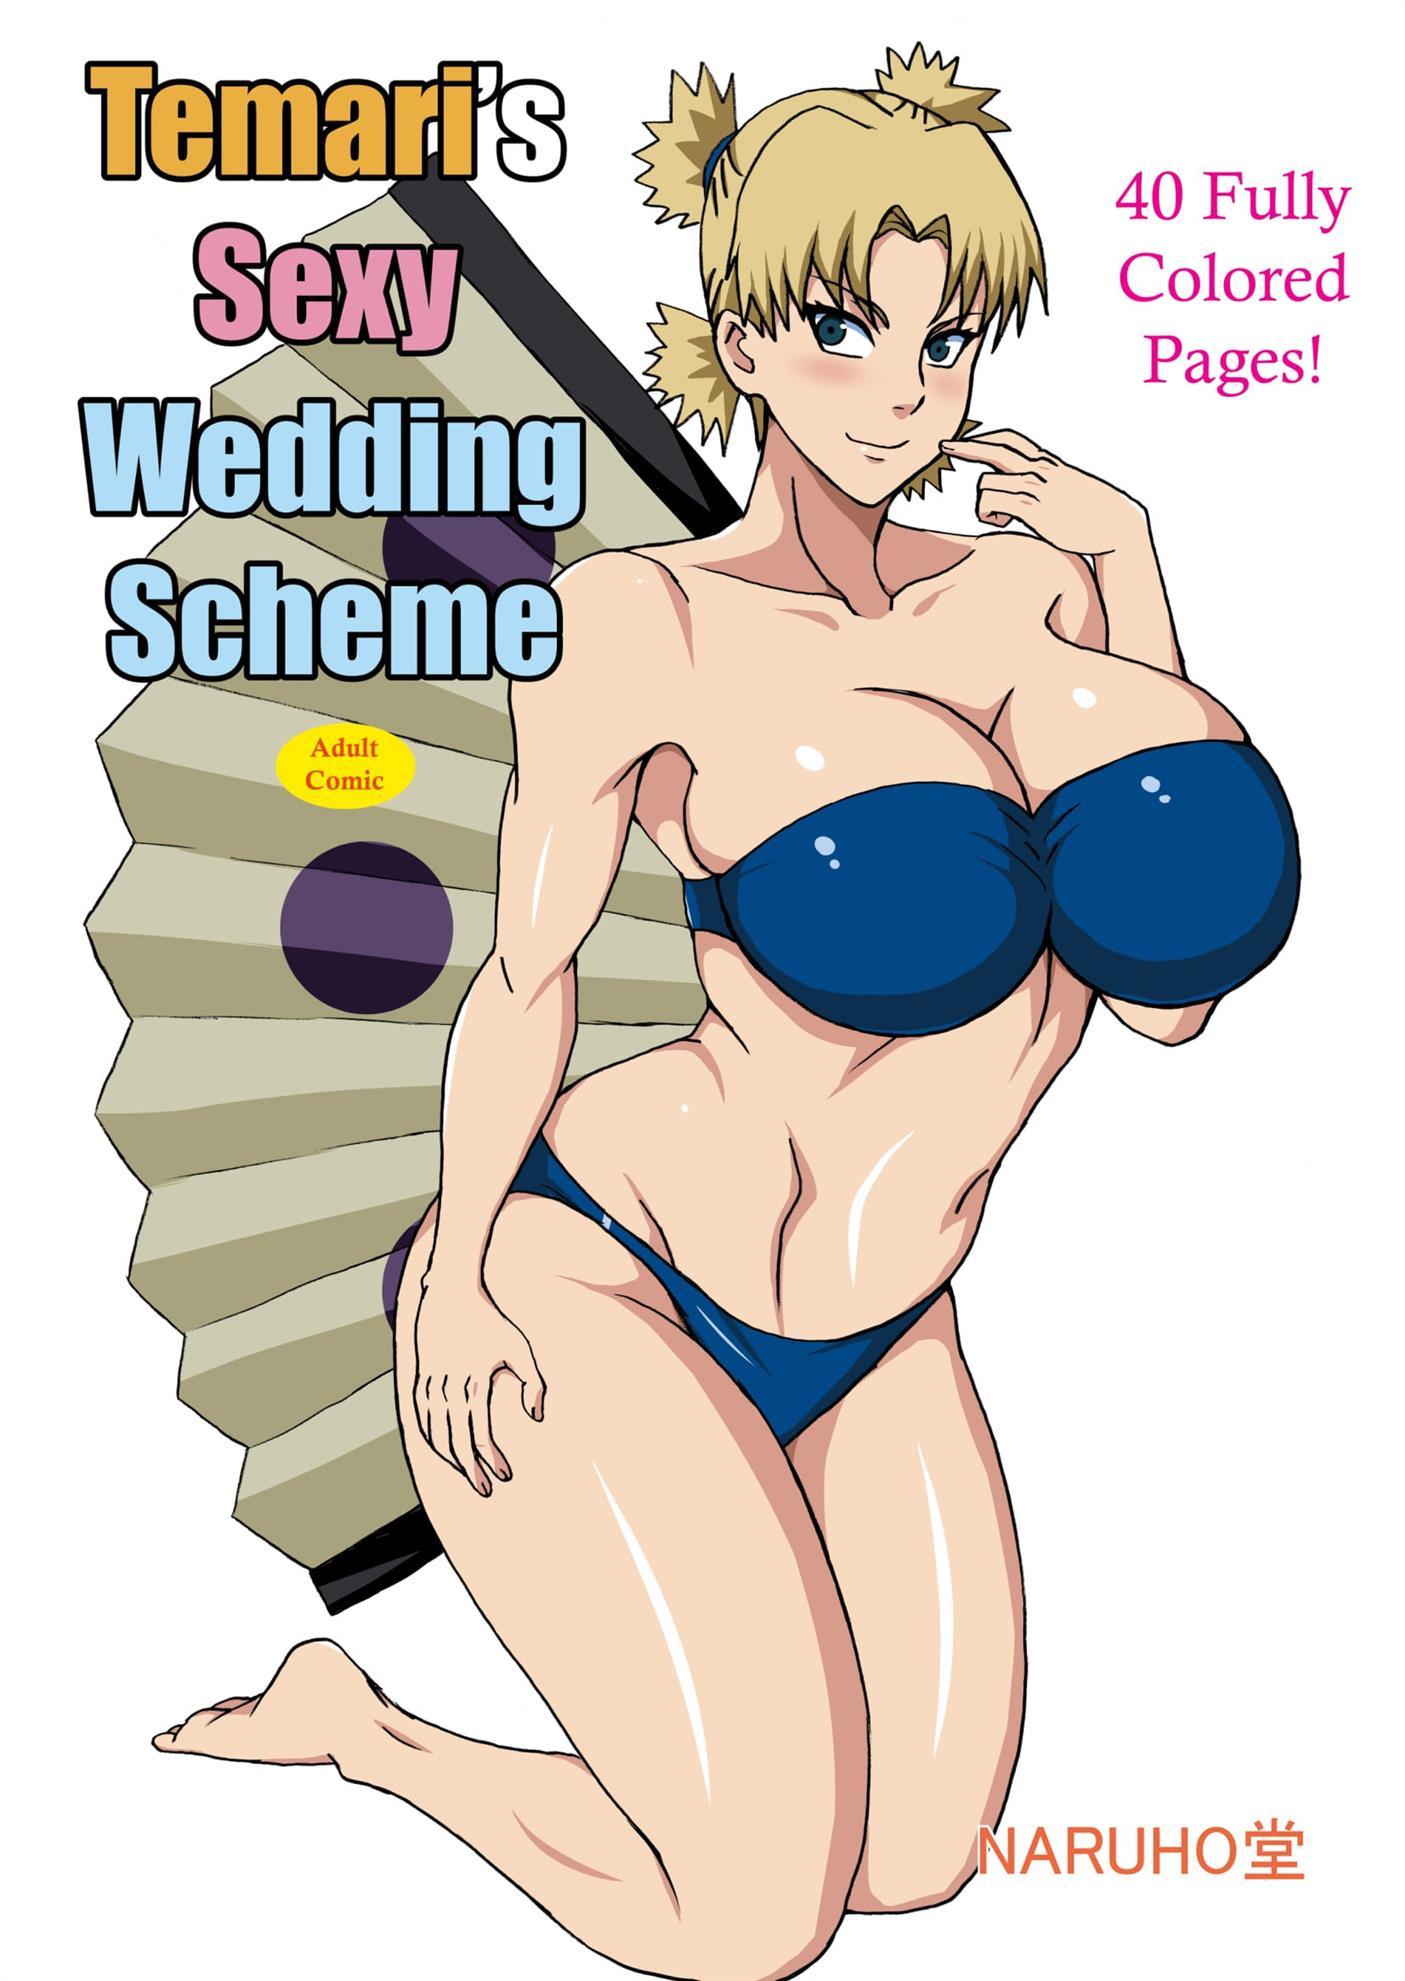 Naruto hentai: Temari esposa do grande Naruto Uzumaki